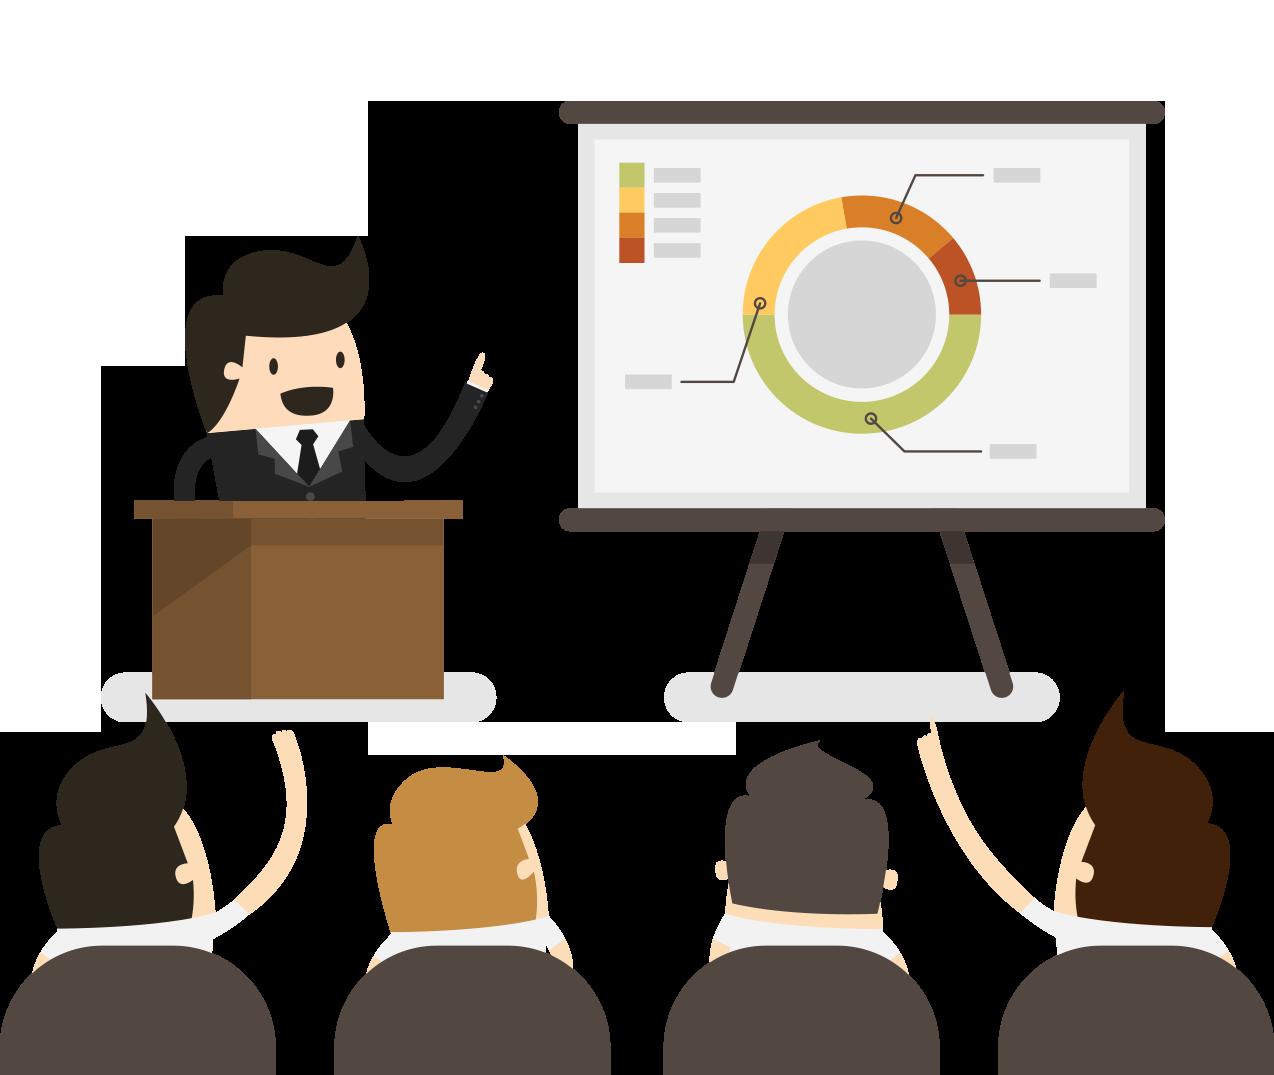 Schedule clipart organization. Presentation microsoft powerpoint businessperson